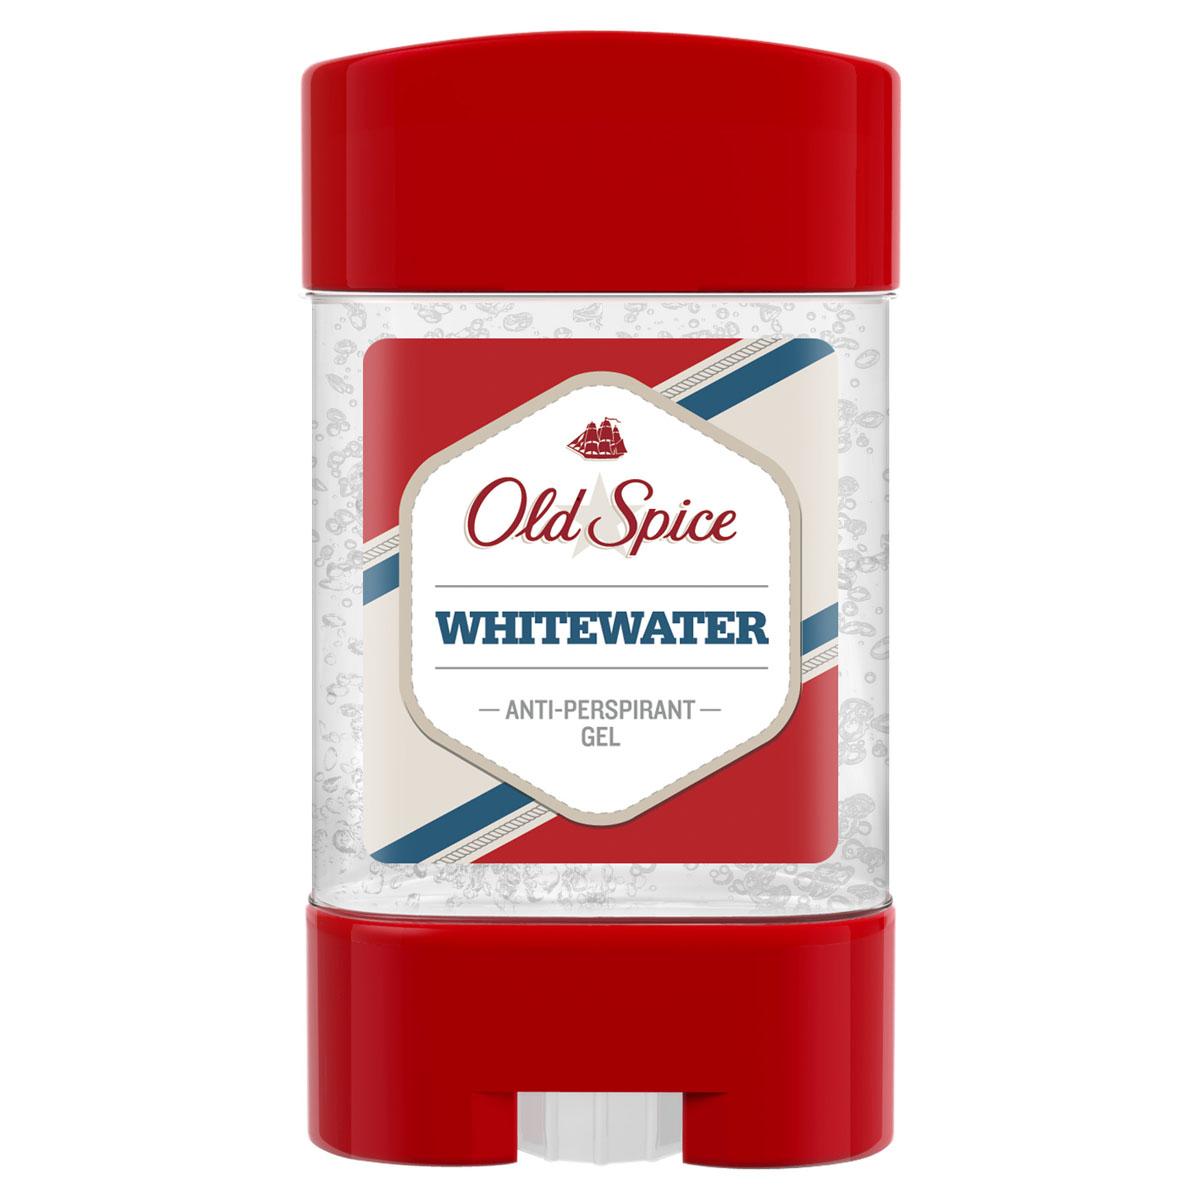 Old Spice Гелевый дезодорант-антиперспирант WhiteWater, 70 млOS-81140303Гелевыйдезодорант-антиперспирант Old Spice Whitewater помогает коже быть сухой. Борется с неприятным запахом. Великолепныйаромат предназначен только для настоящих мужчин. Характеристики:Объем: 70 мл. Производитель: Чехия. Артикул: 98744496. Товар сертифицирован.